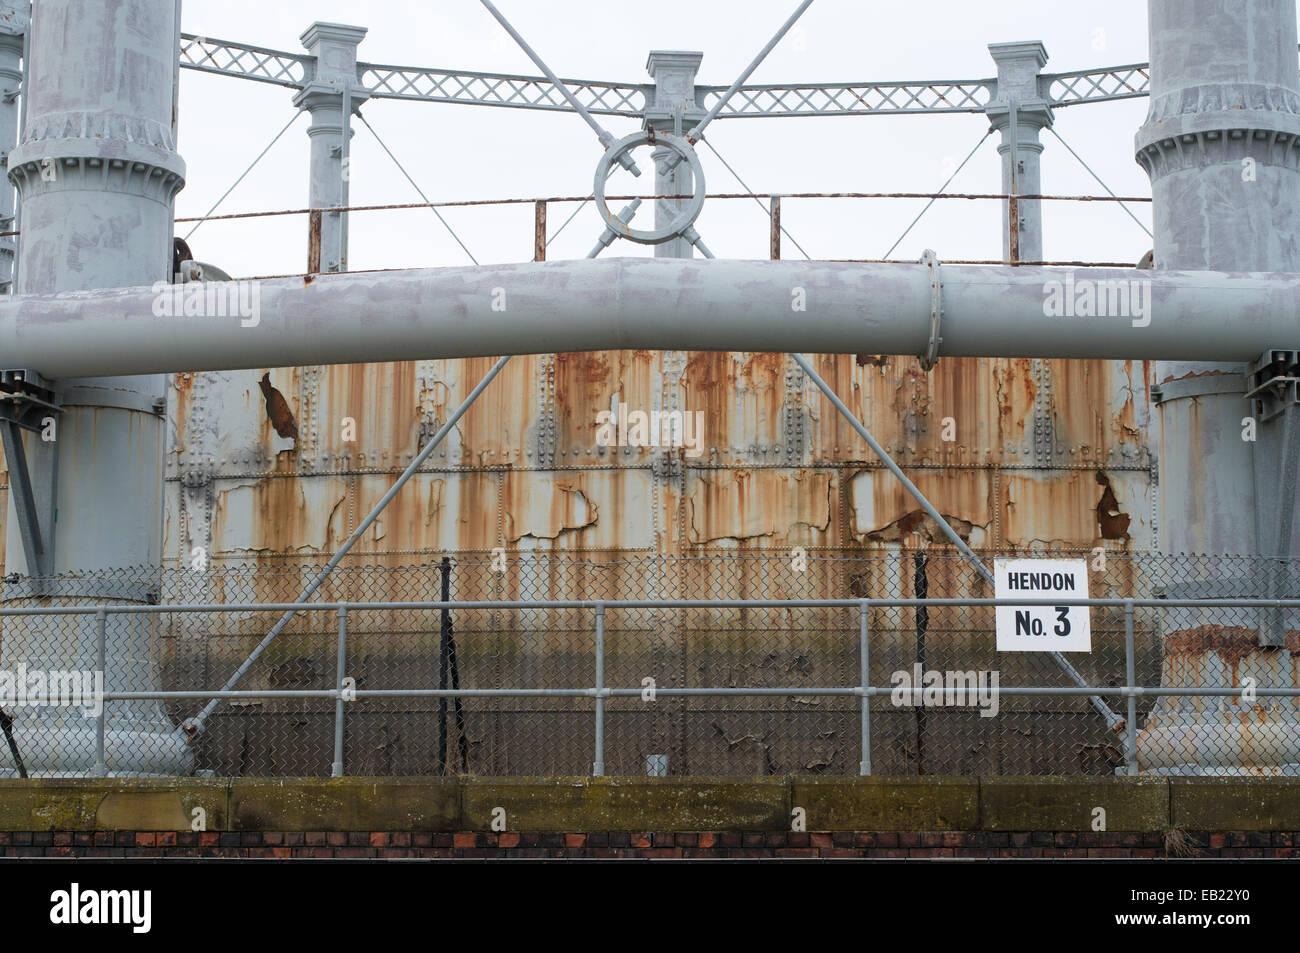 Detailansicht der Viktorianischen Gasometer in Hendon, Sunderland, North East England Großbritannien Stockbild